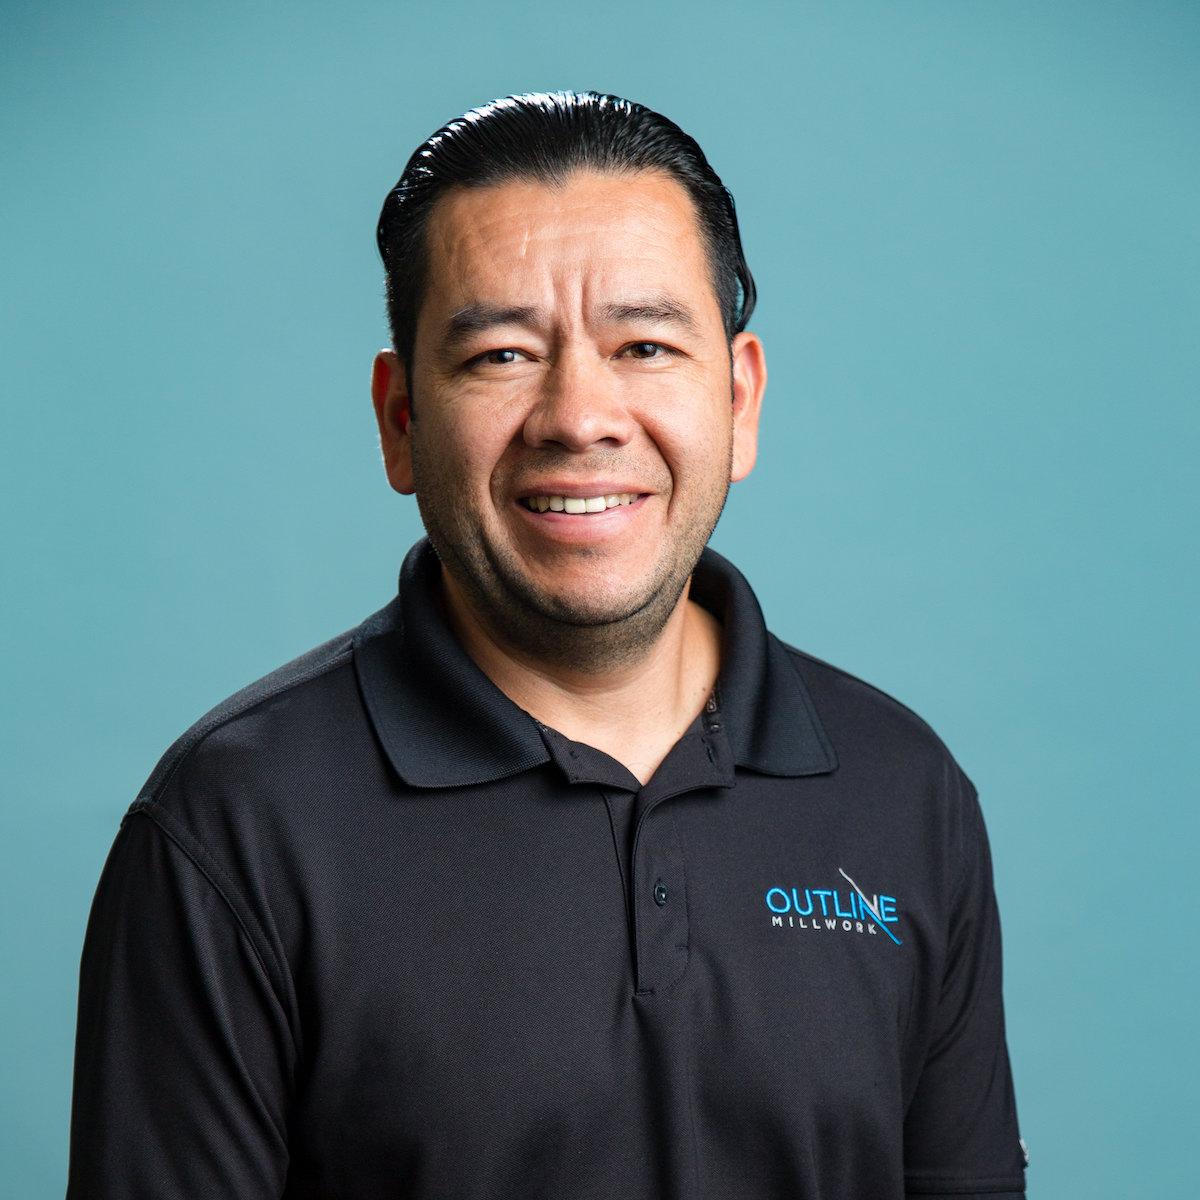 Marvin Vargas